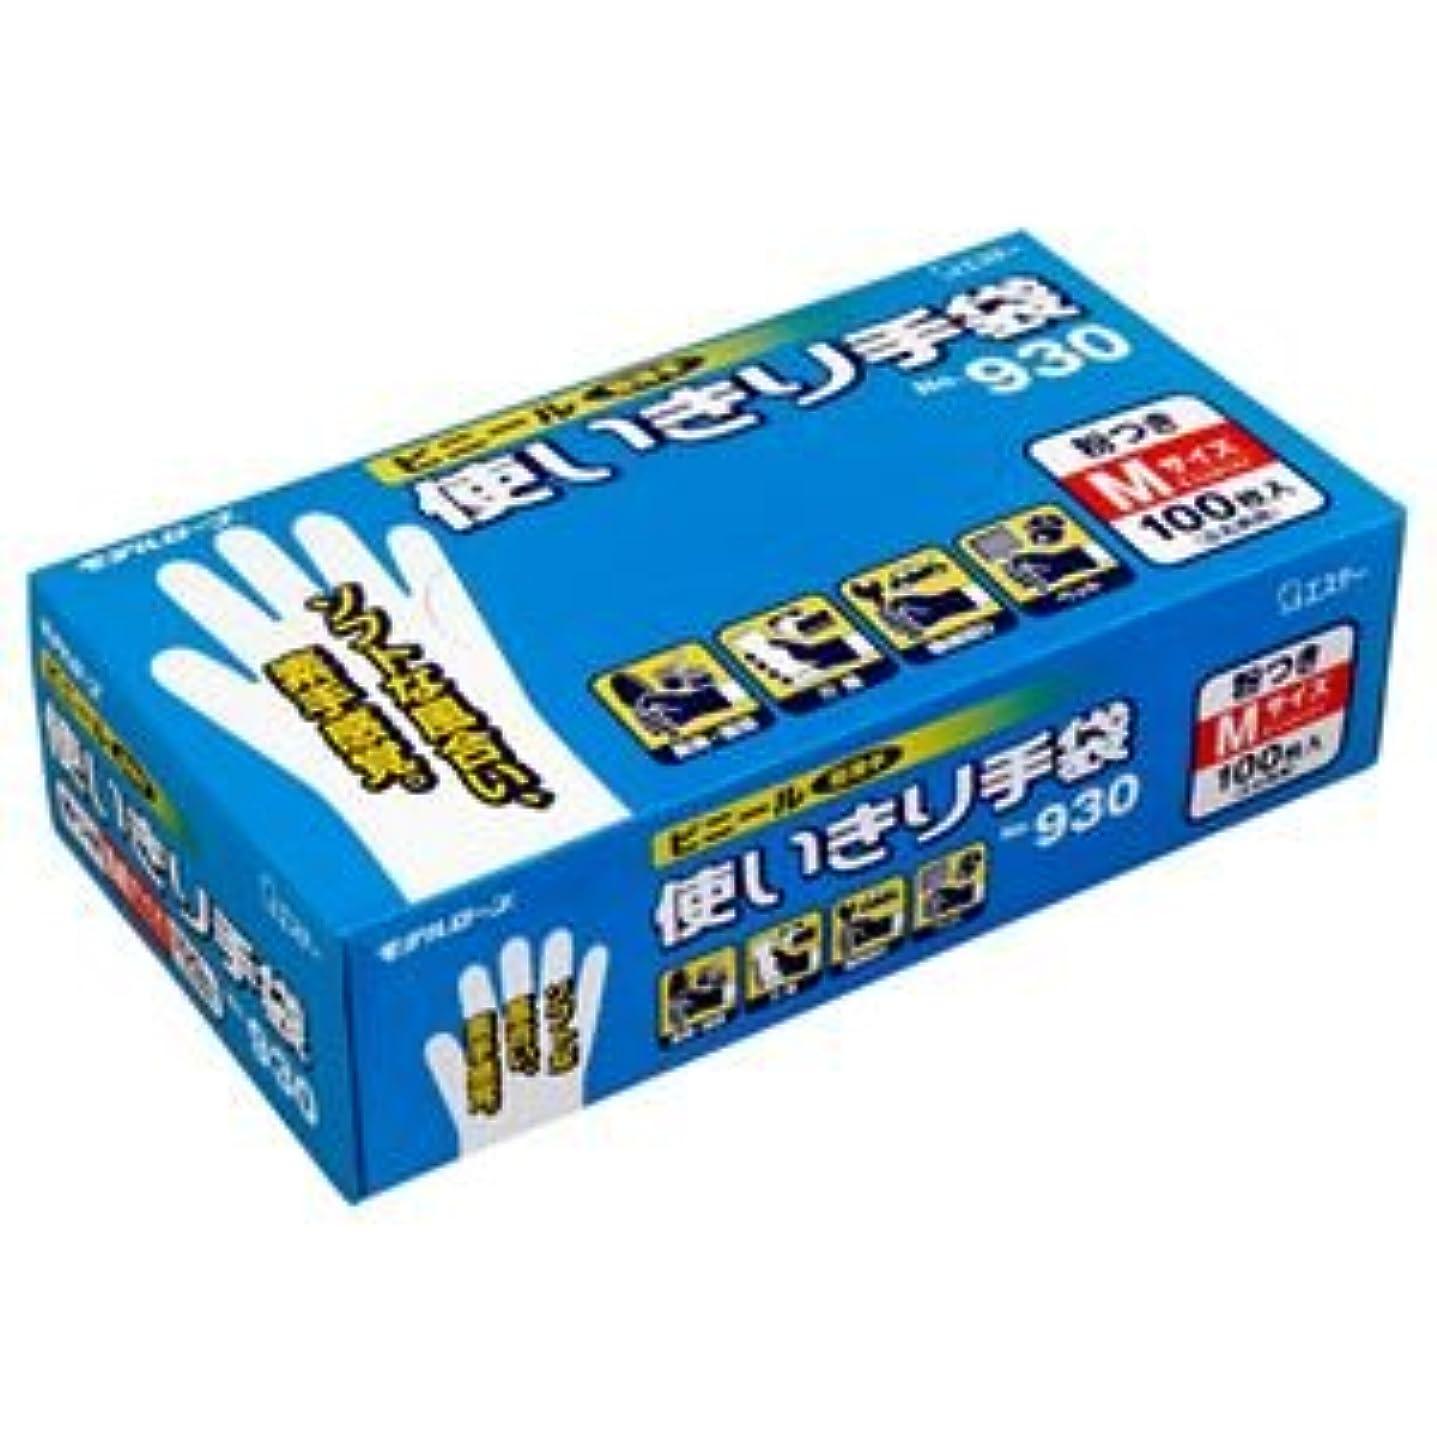 肌重荷適応的(まとめ) エステー No.930 ビニール使いきり手袋(粉付) M 1箱(100枚) 【×5セット